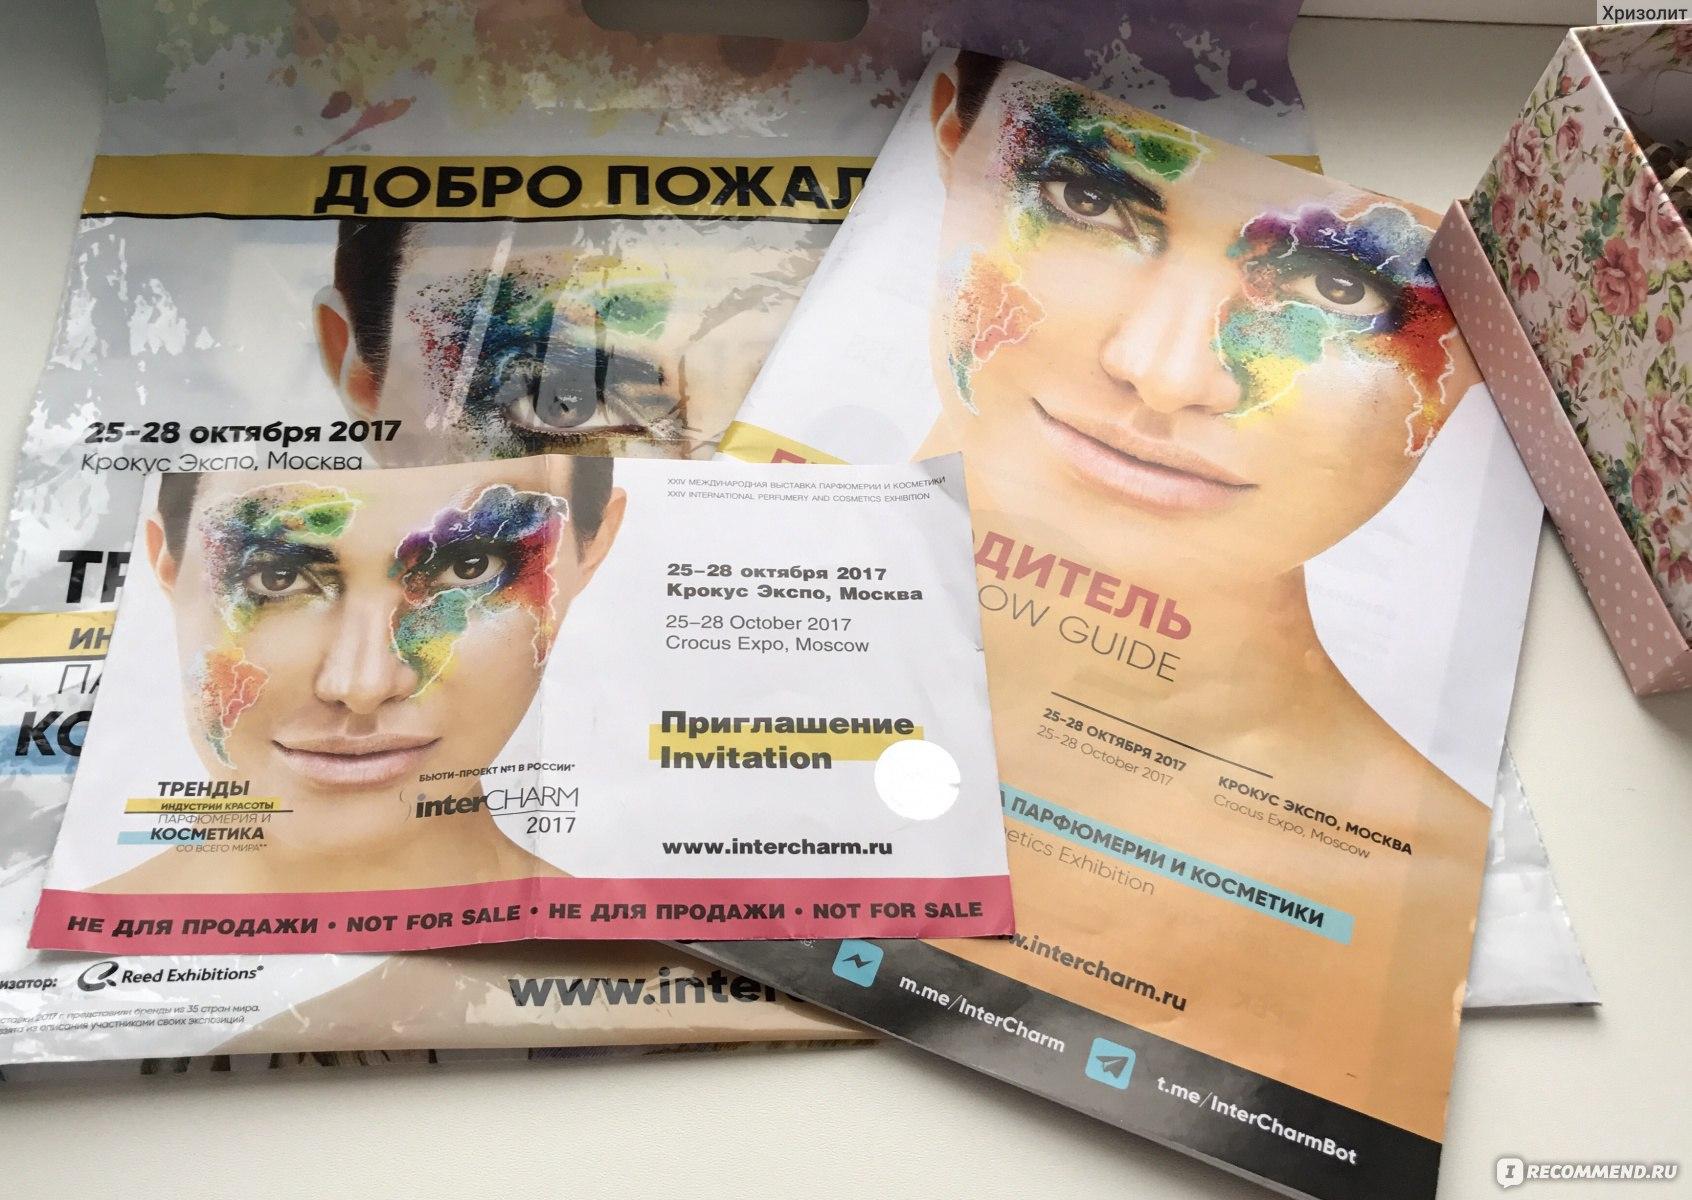 Можно ли купить косметику на выставке интершарм израильская косметика для педикюра купить